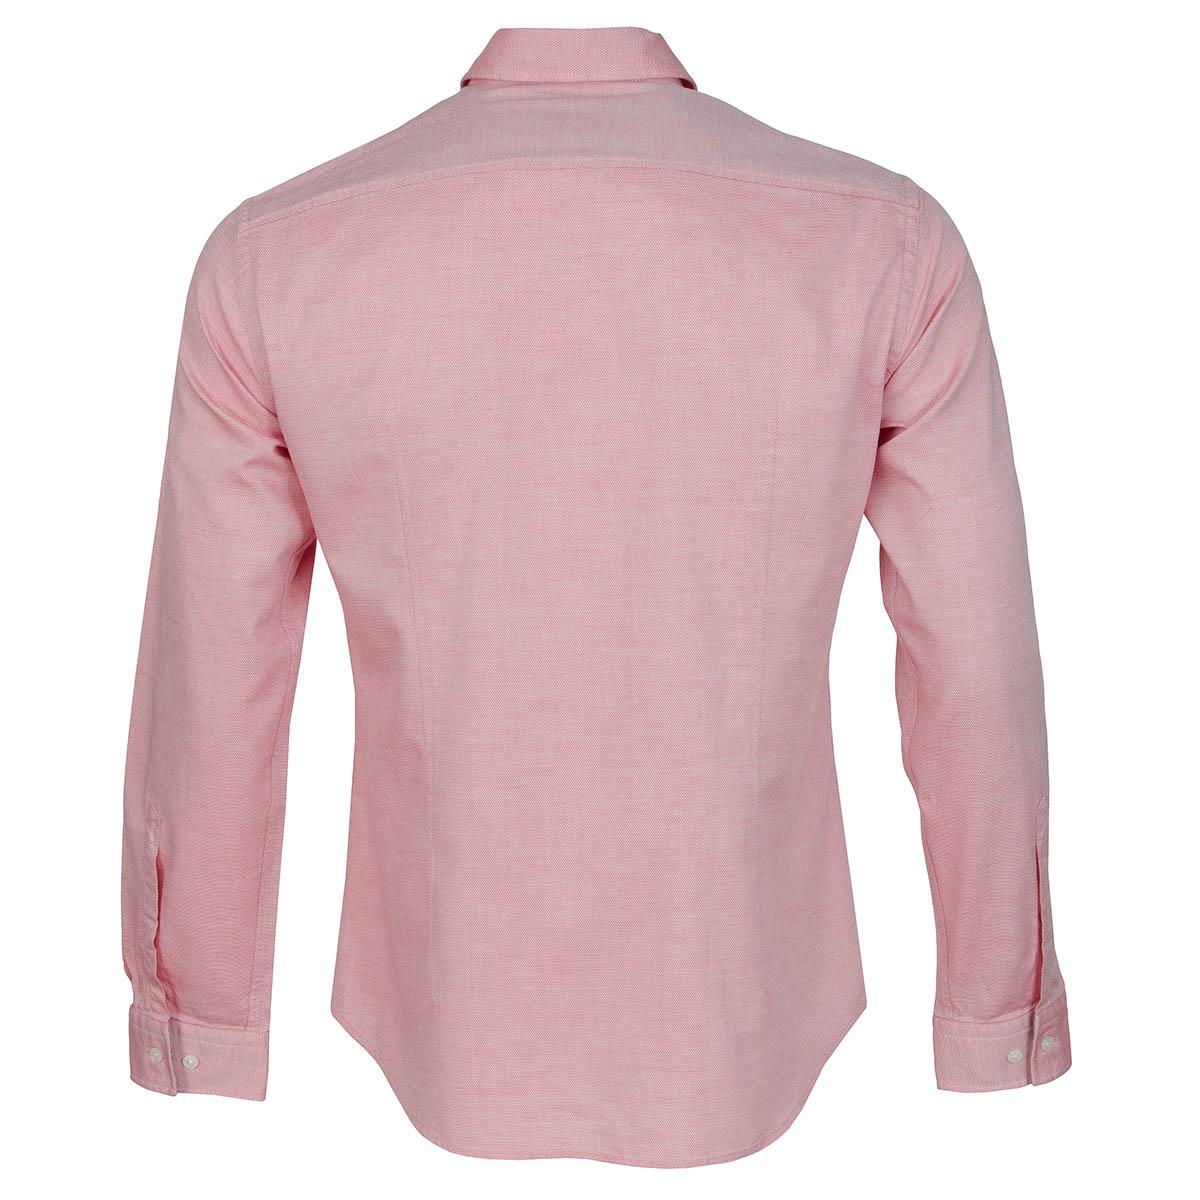 Hugo boss buster dress shirt open red scottsdale golf for Hugo boss formal shirts